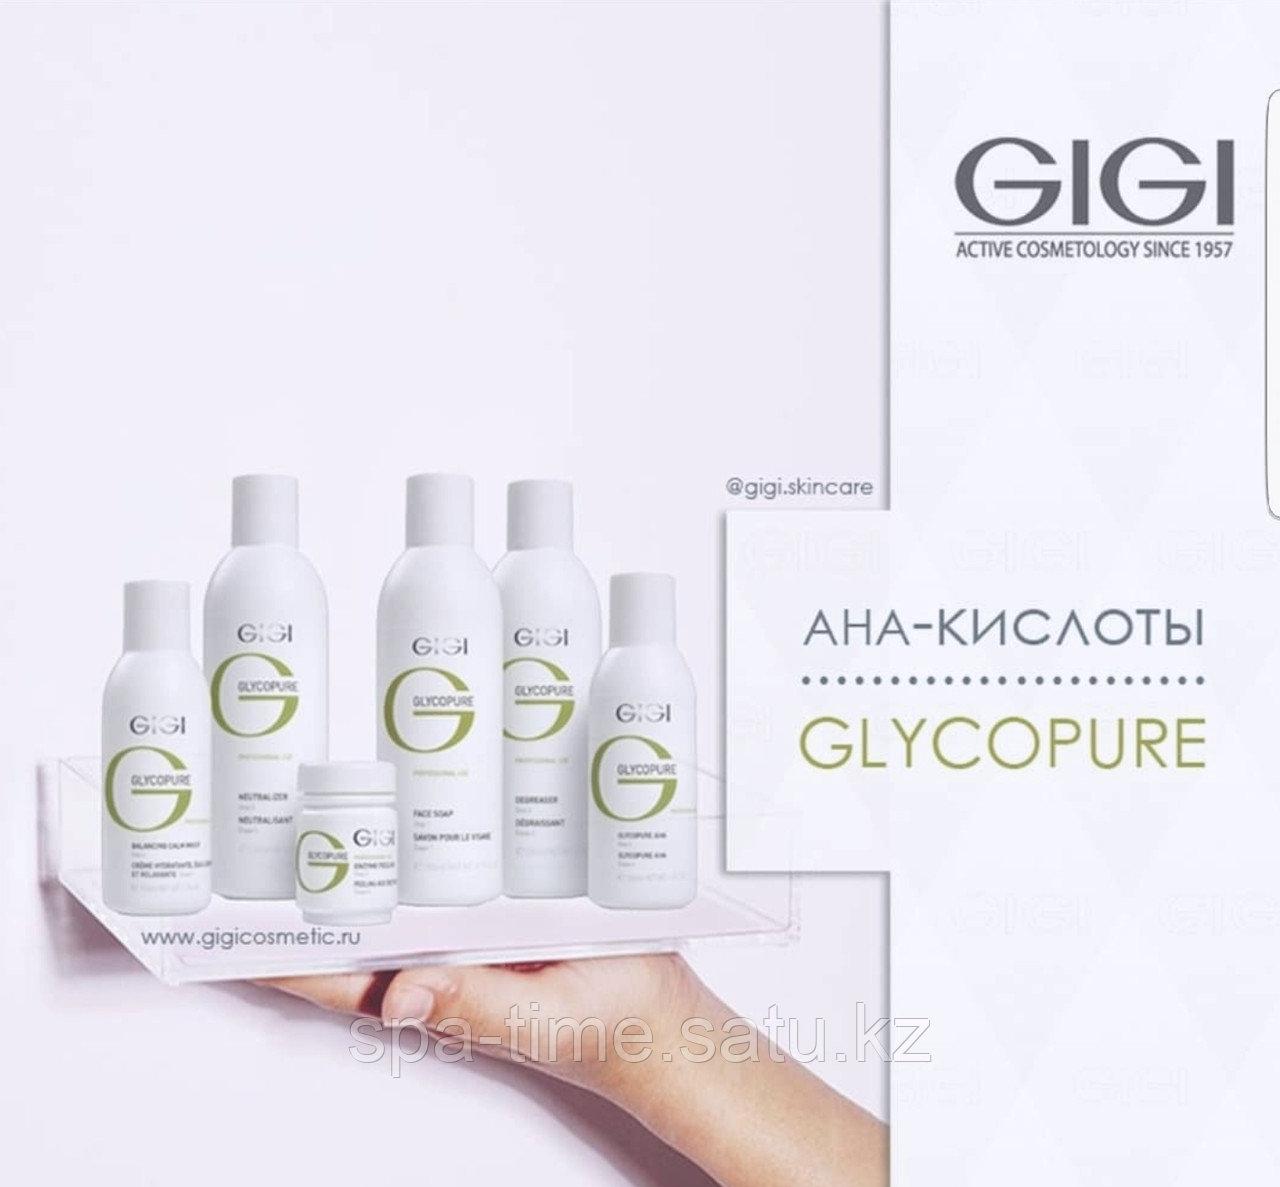 GIGI GLYCOPURE - ПИЛИНГ